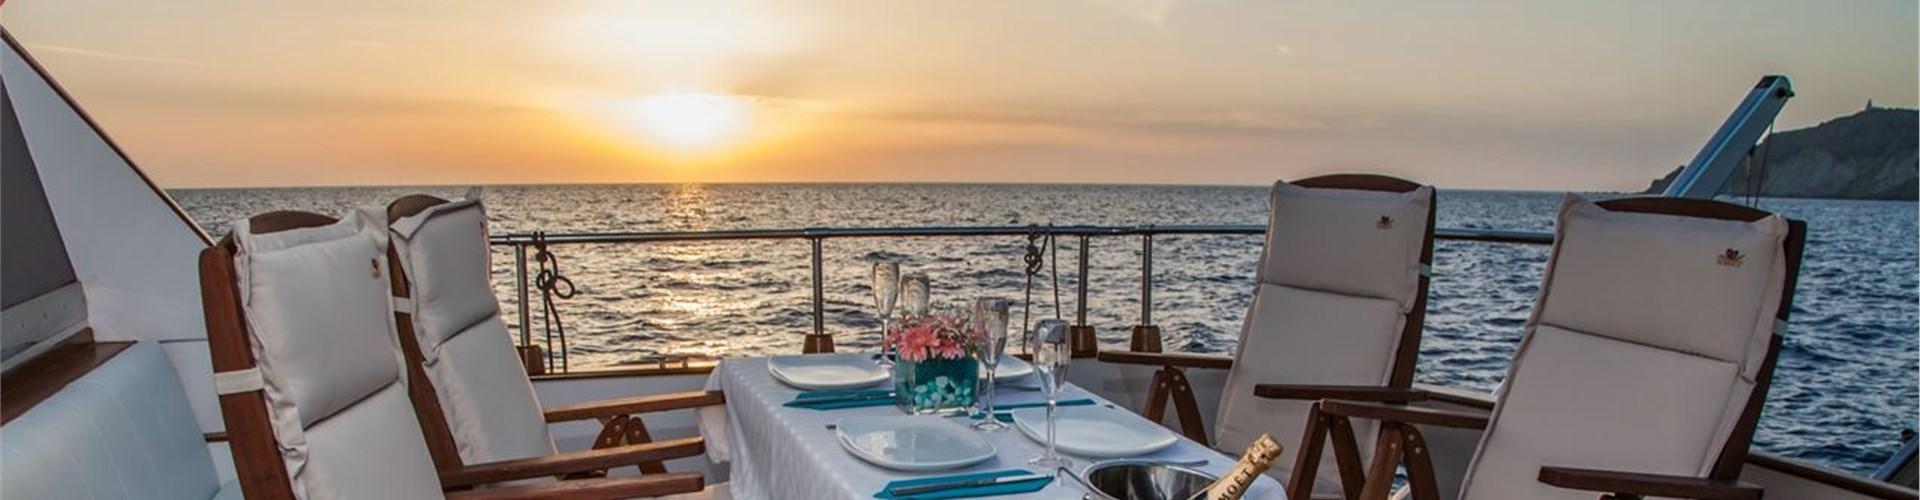 Photo of Luxury Yacht Cantieri 56 Oniro